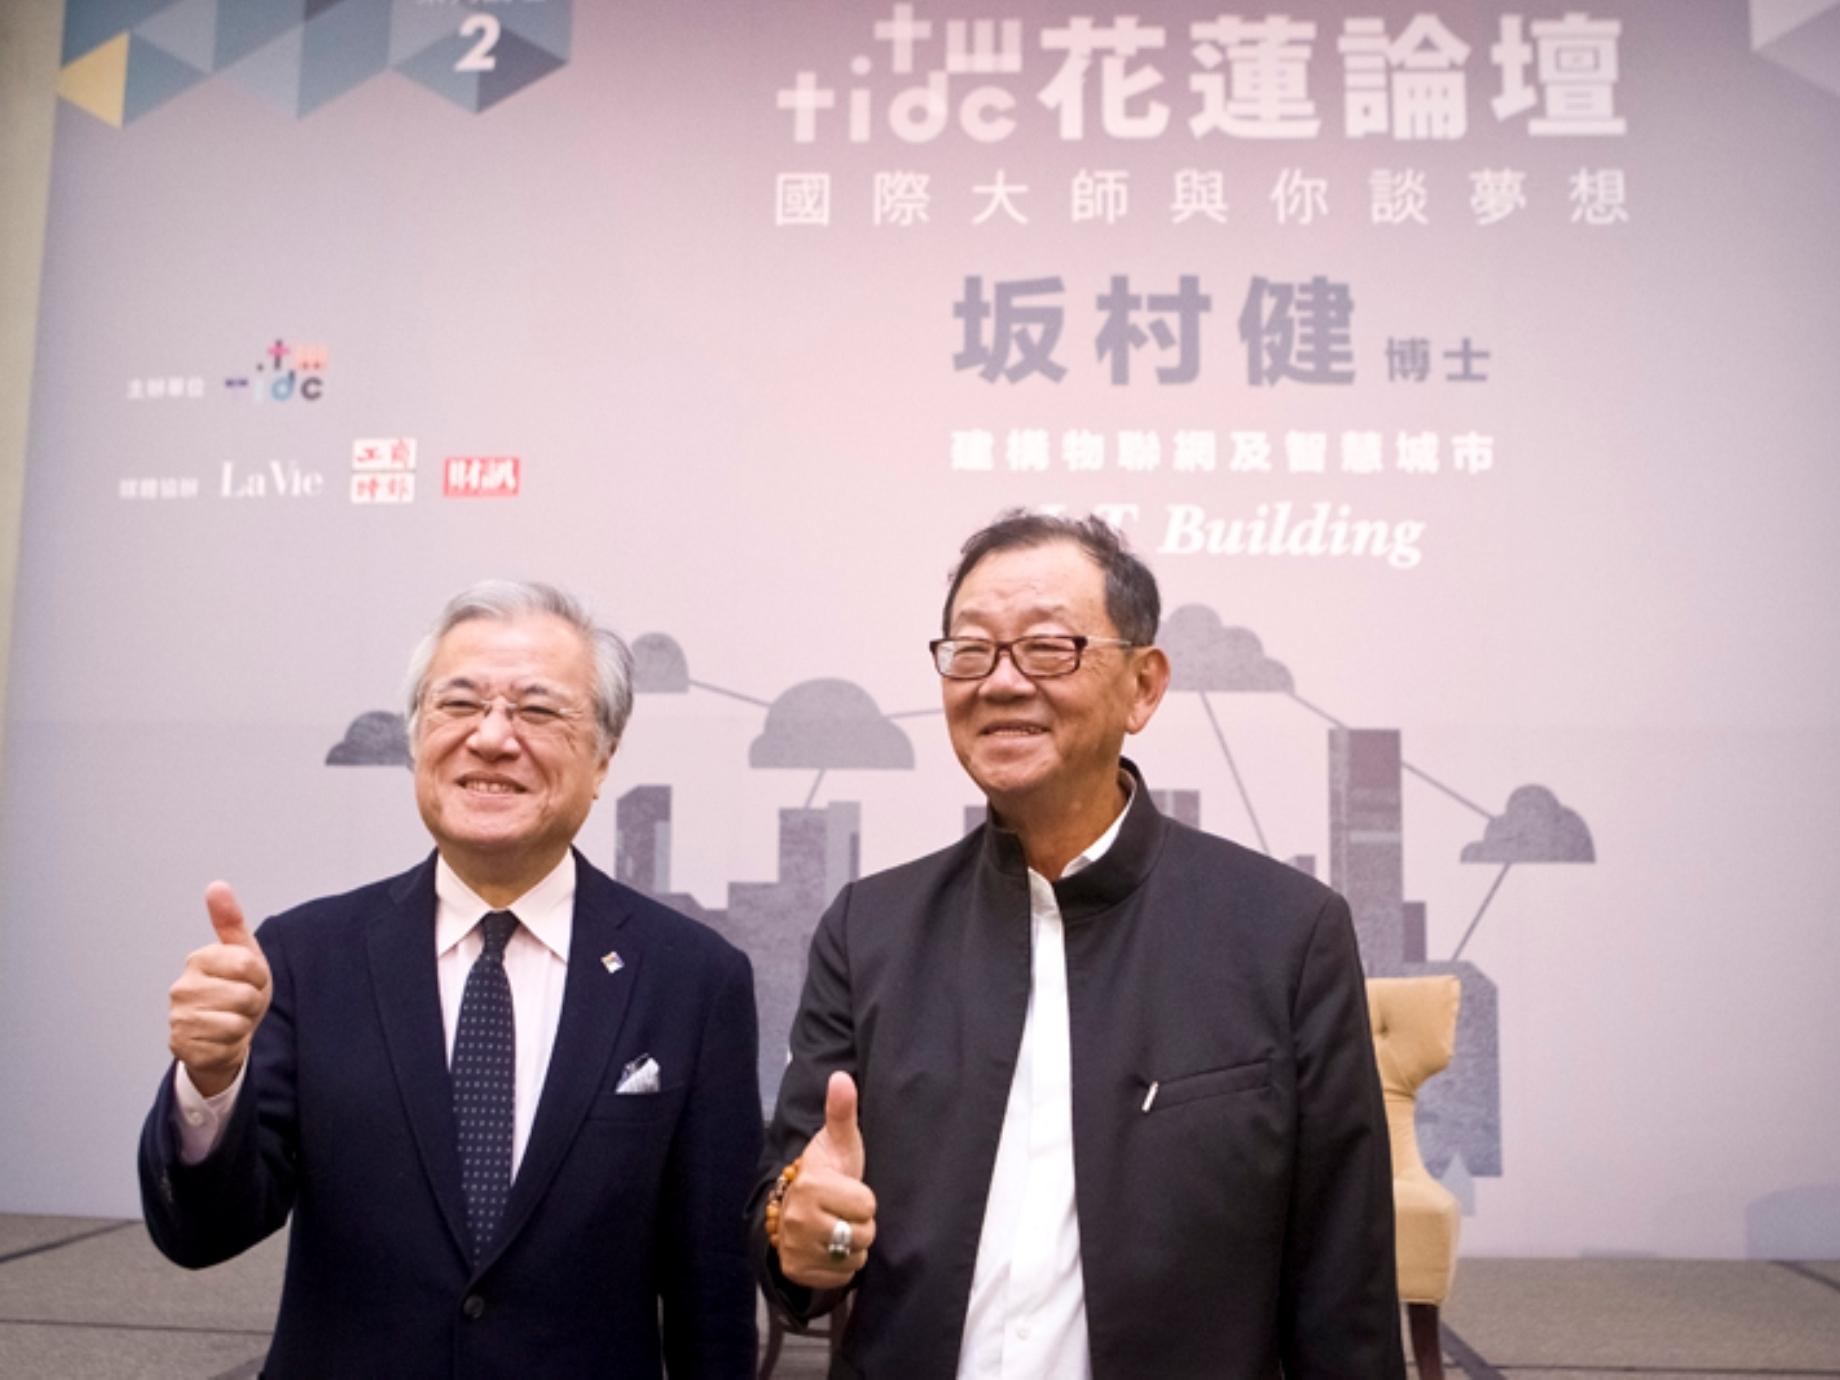 坂村健(物聯網之父):最大財富來自開放